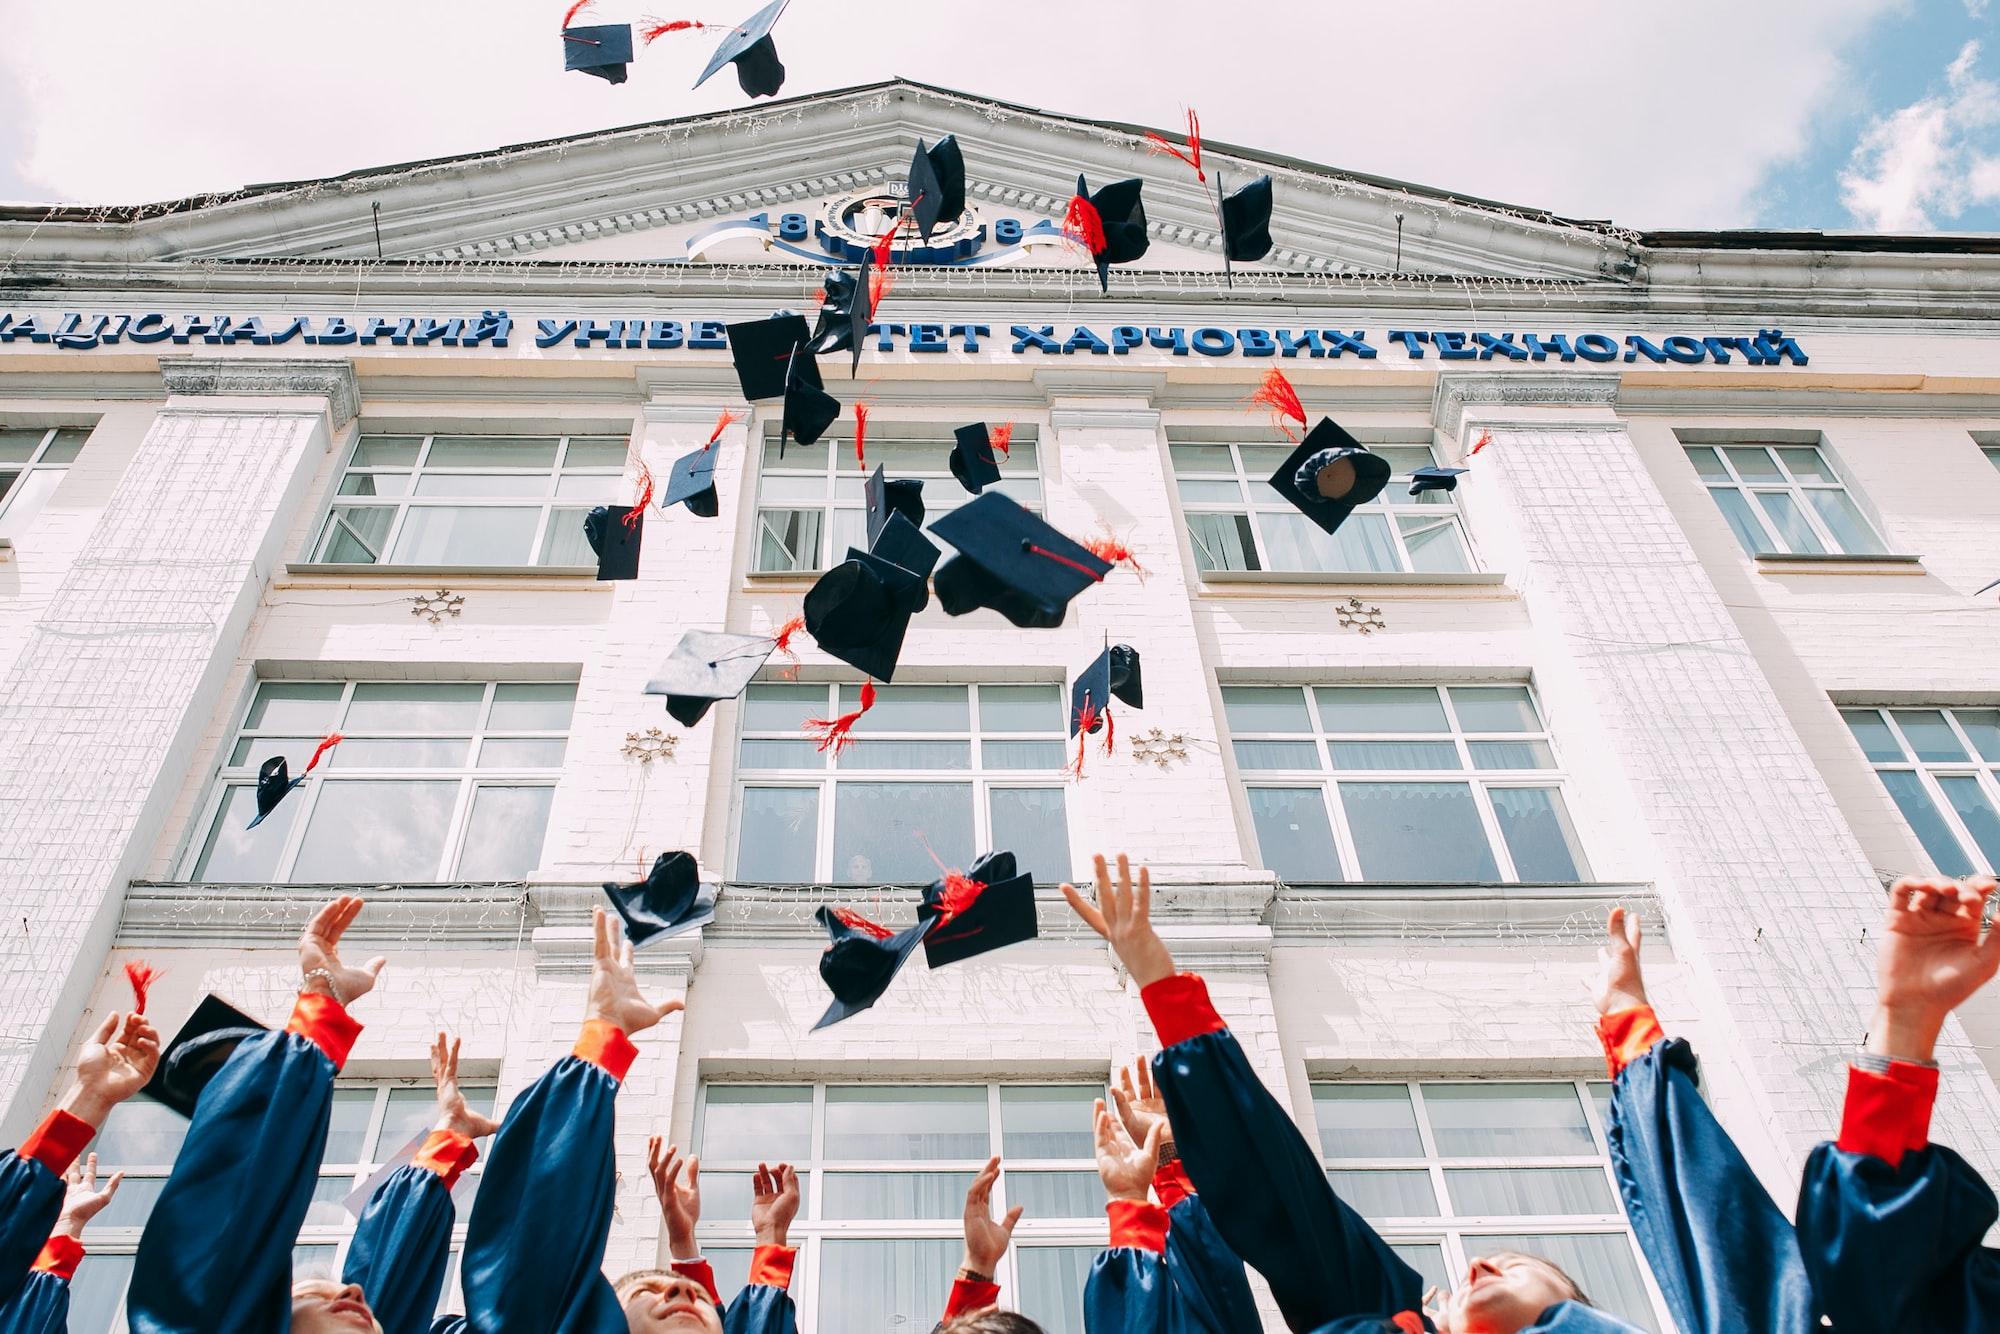 大学同学批评学校毕业典礼安排「矫枉过正」